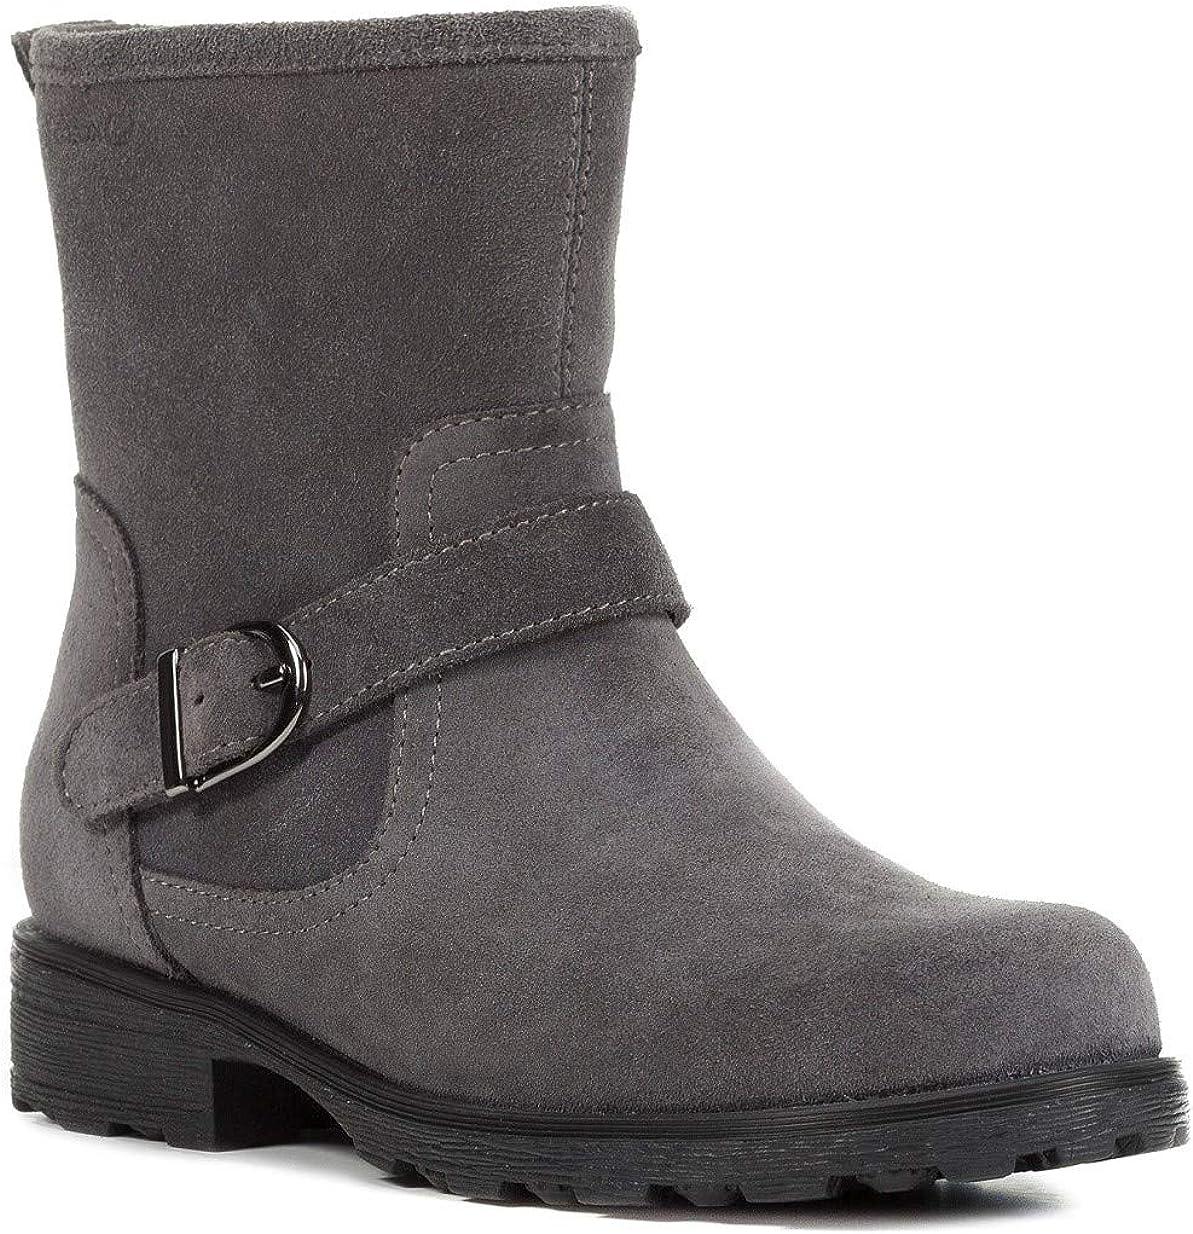 Geox J84A5B Olivia Stivali Modischer M/ädchen Leder Stiefel warm gef/üttert Schlupfstiefel mit seitlichem Rei/ßverschluss atmungsaktiv Biker Boot